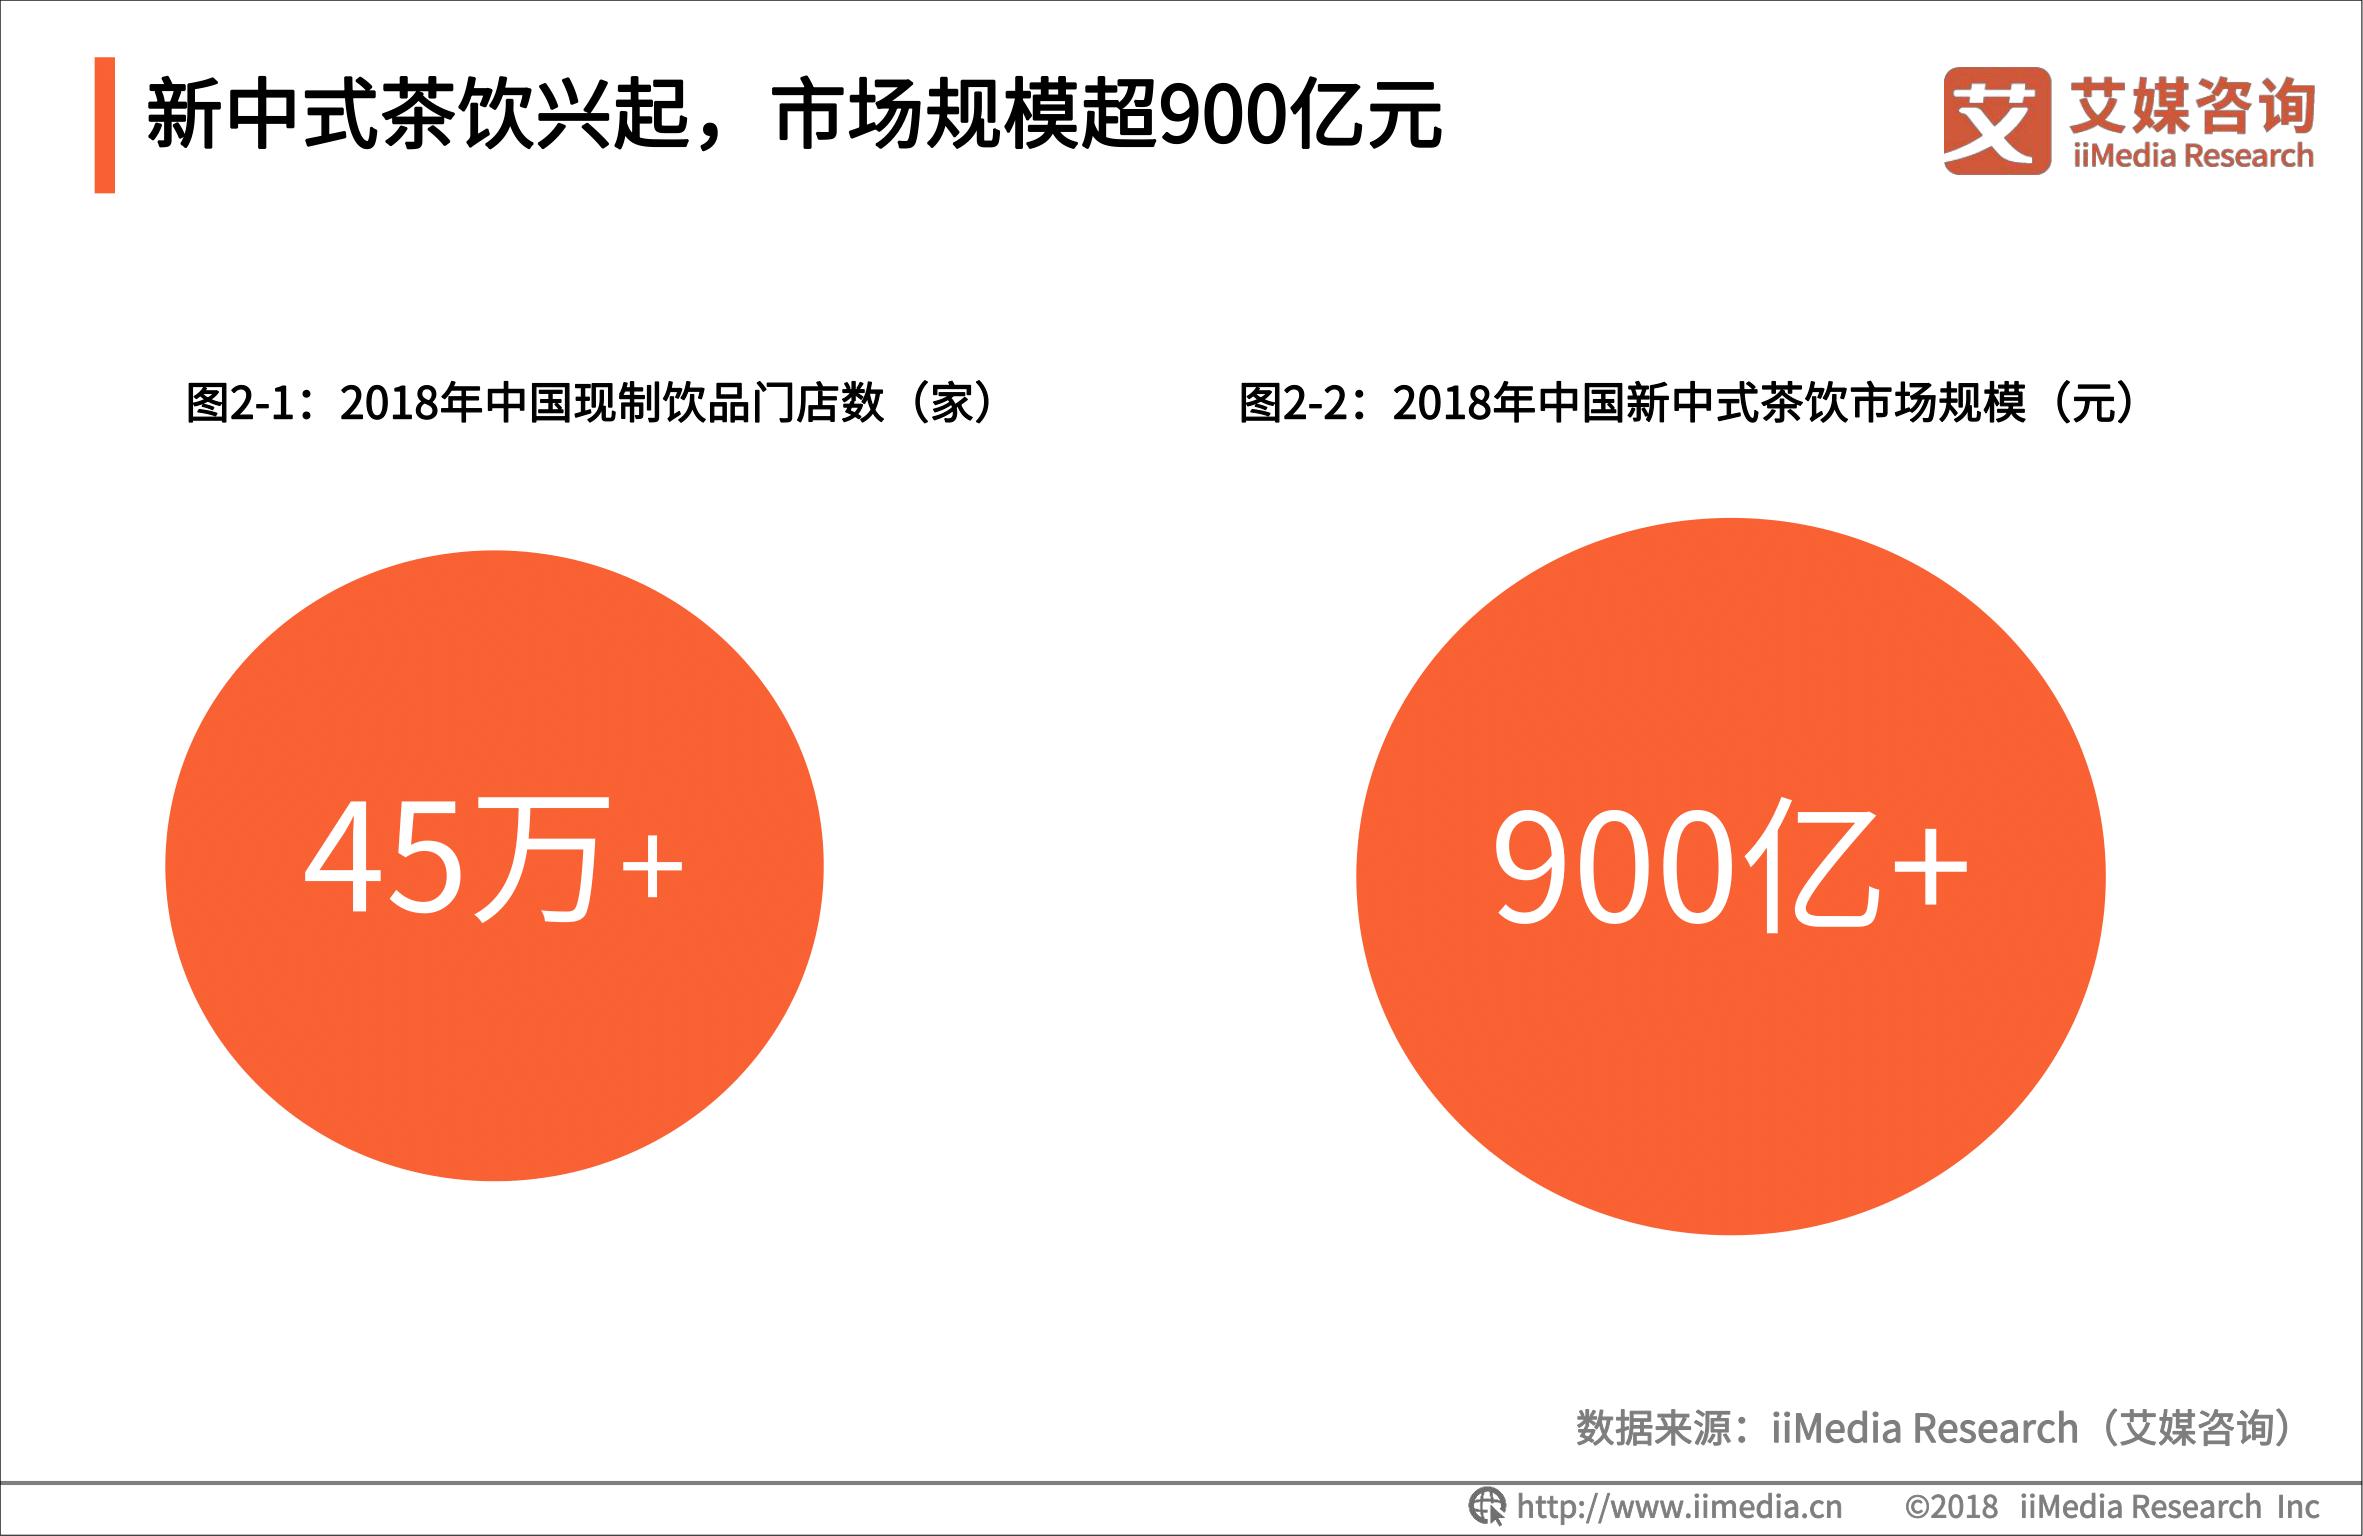 新中式茶饮兴起,市场规模超900亿元